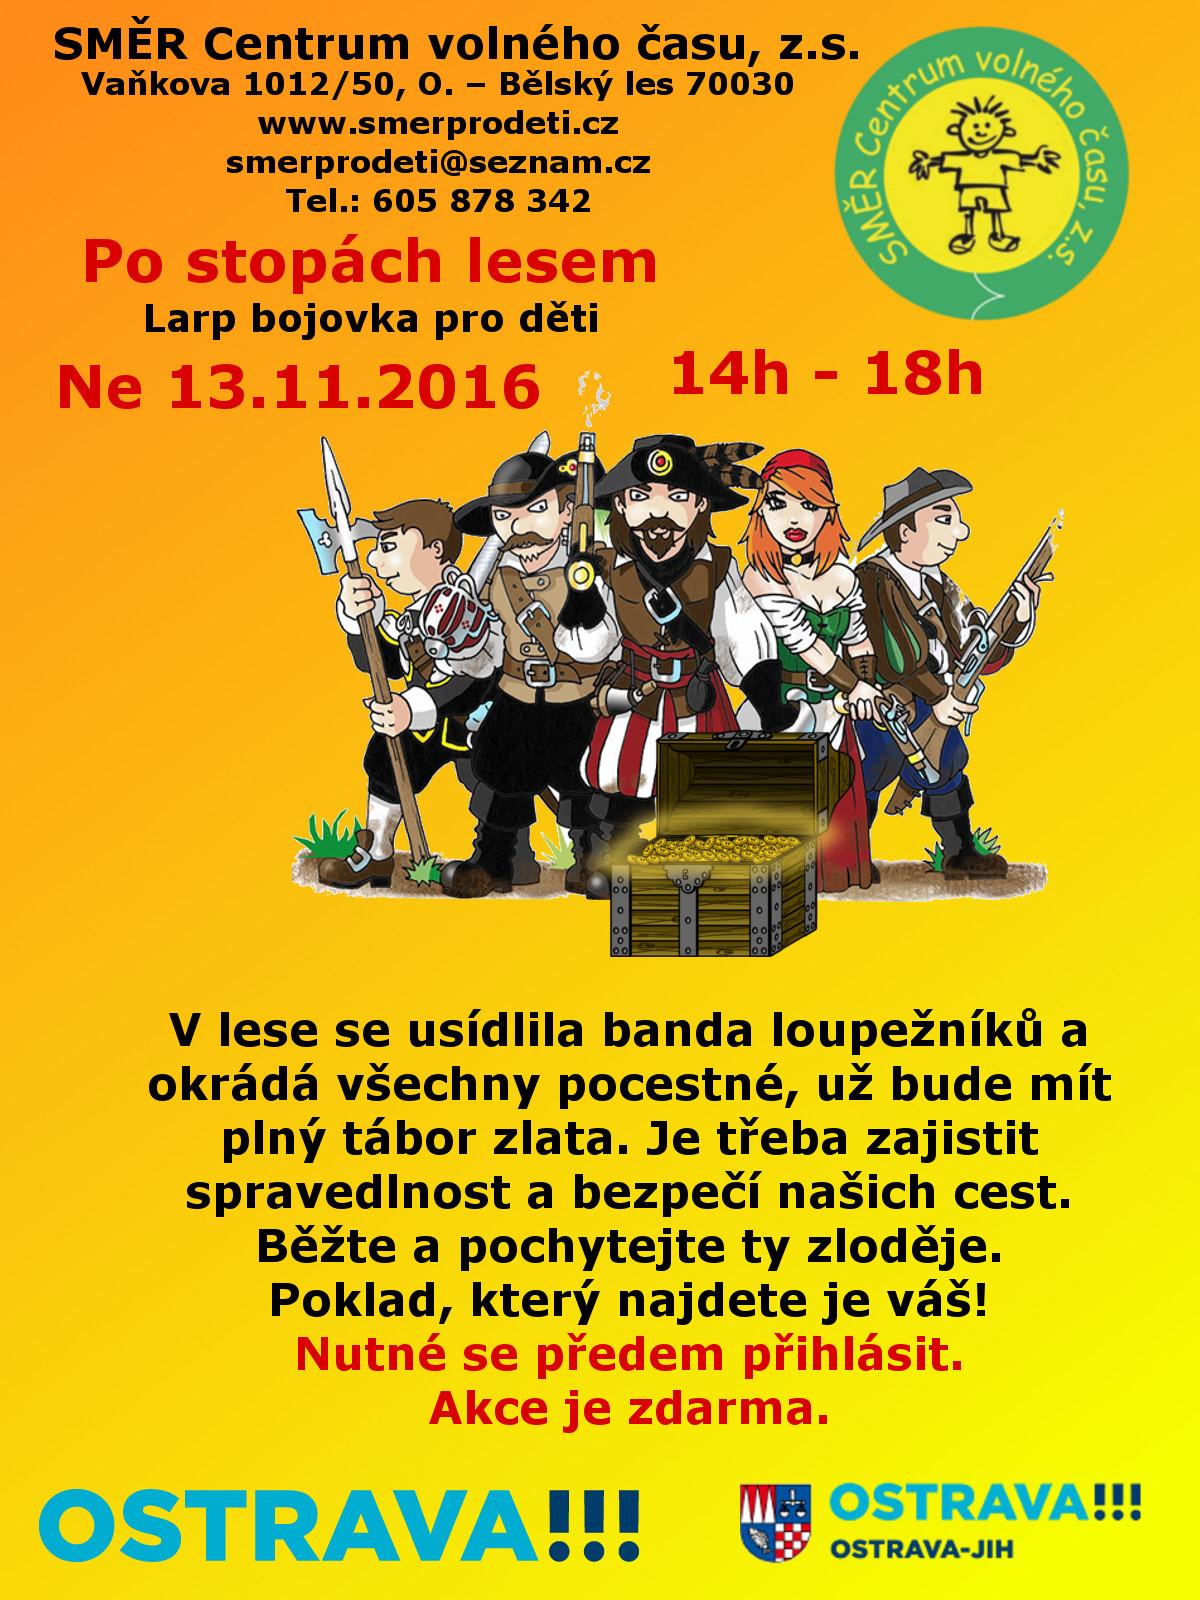 po-stopach-11